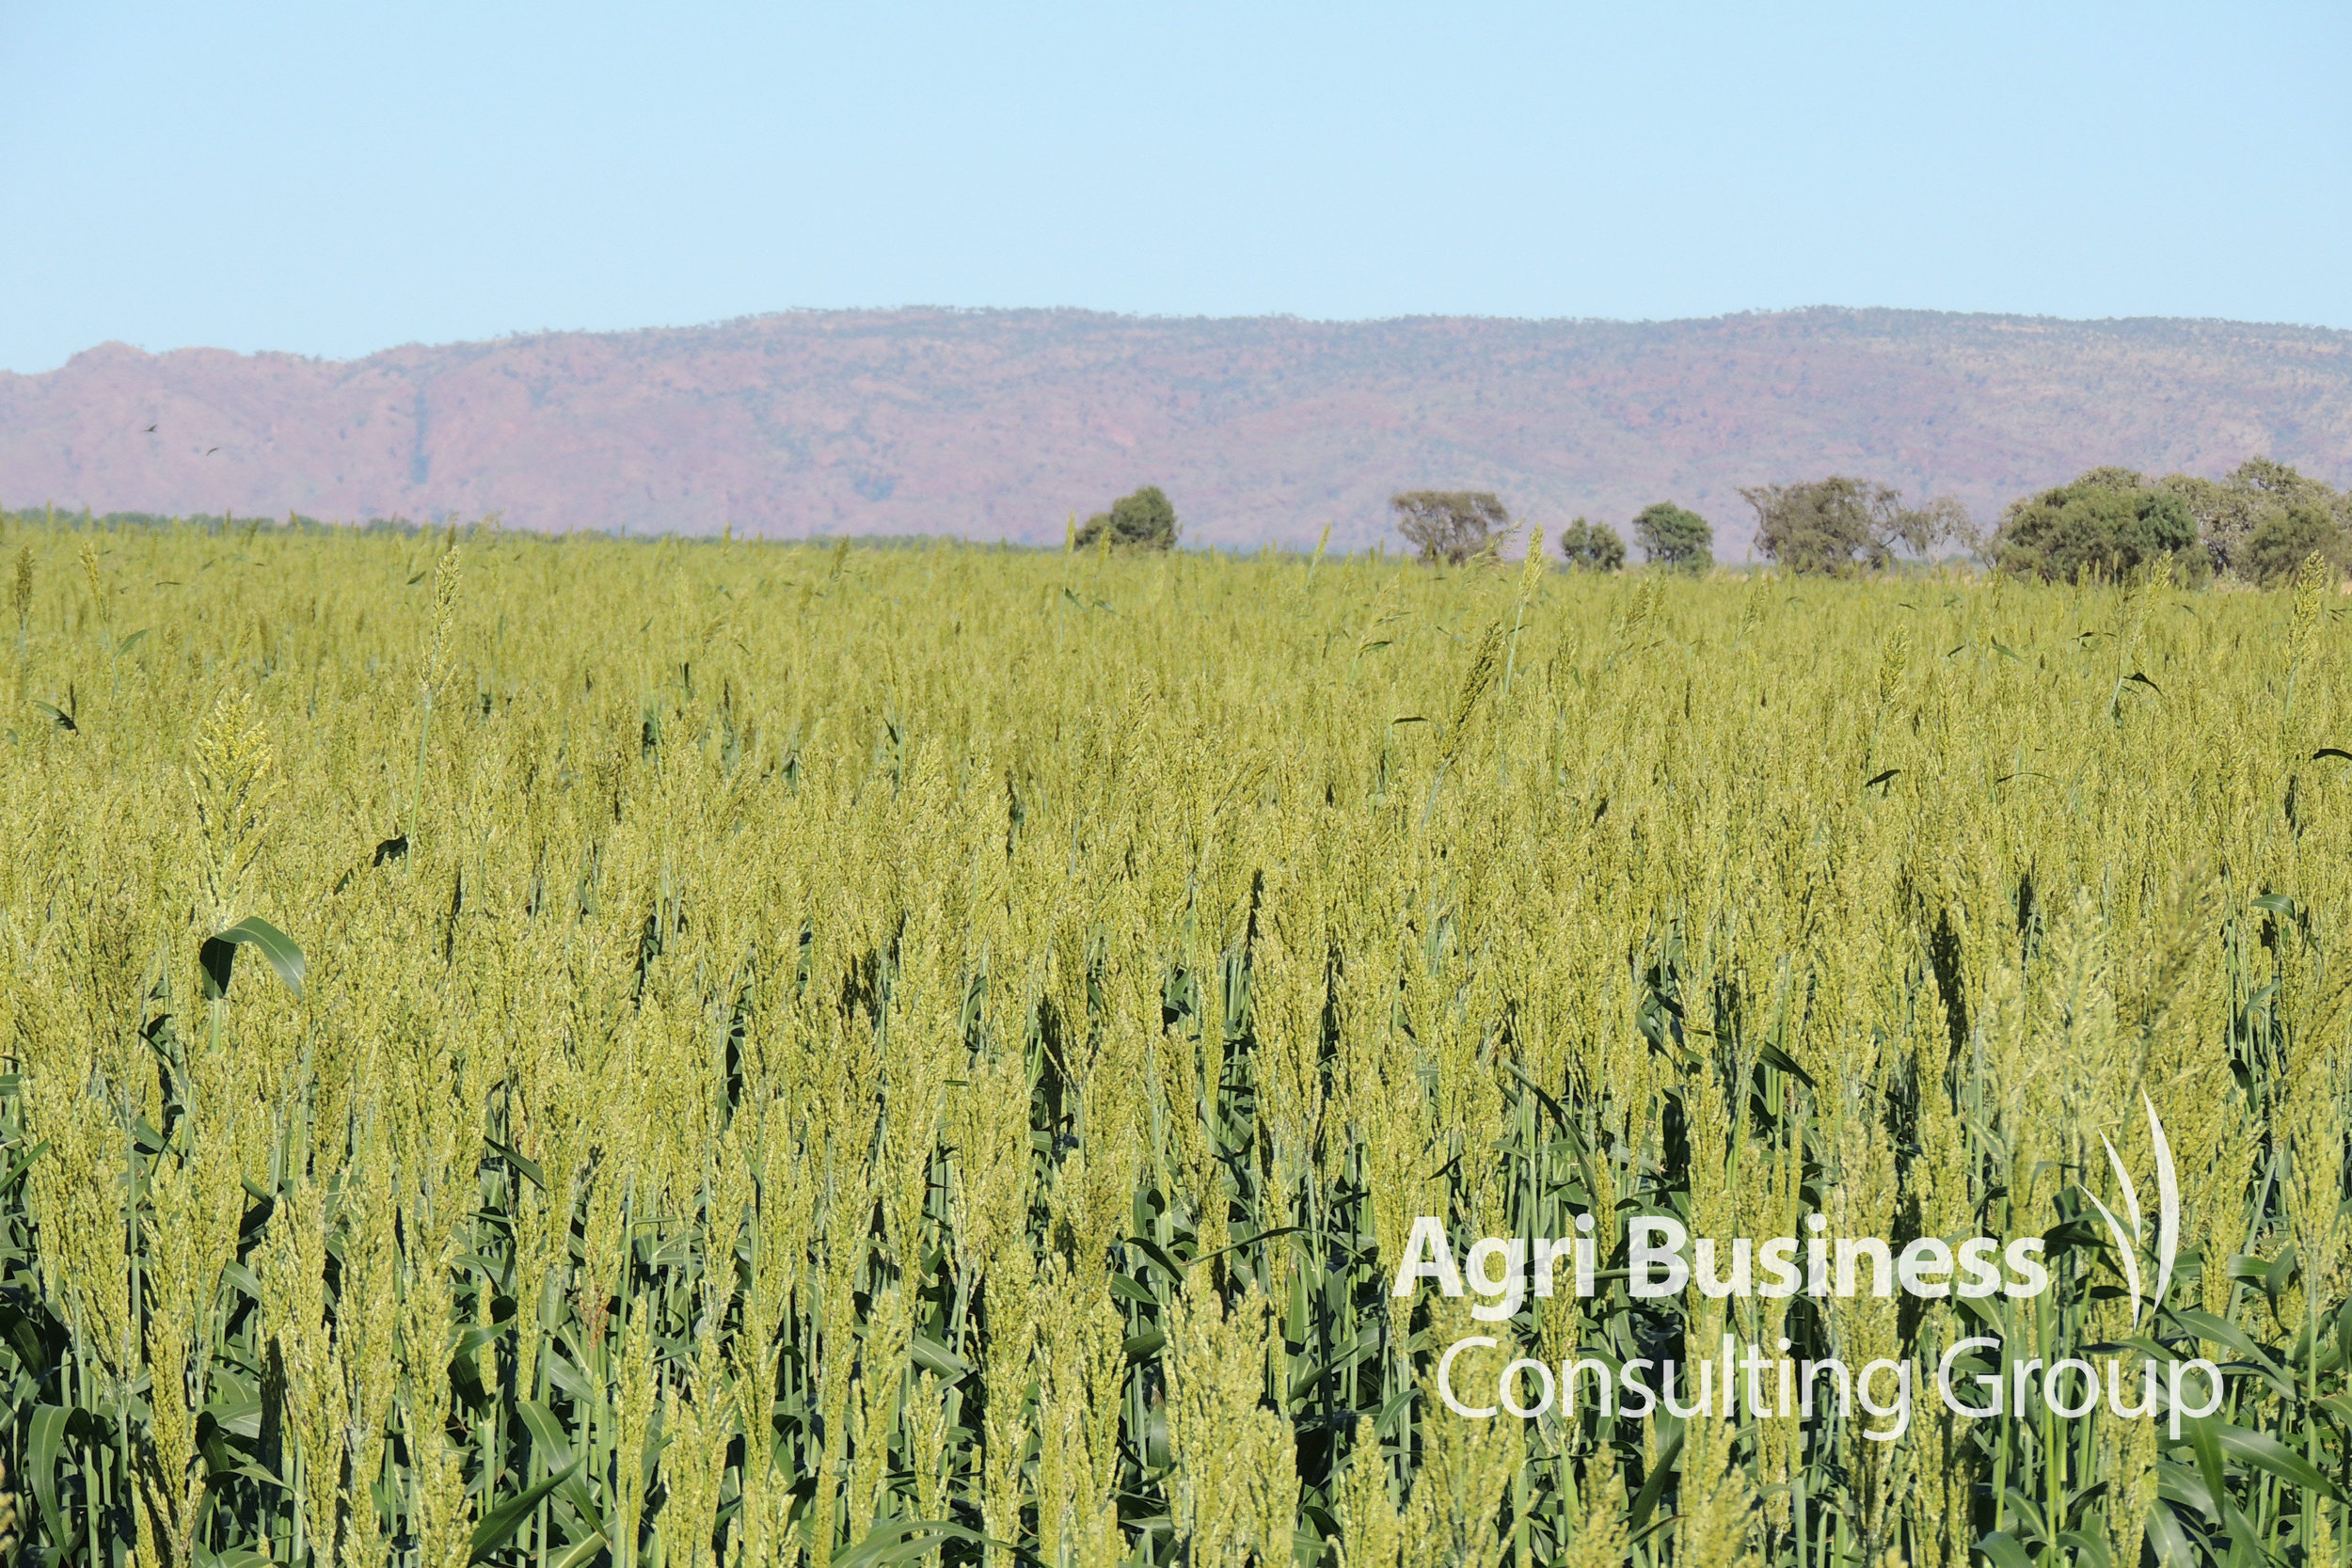 Sorghum crop grown under irrigation within the Ord River Scheme - Kununurra, WA